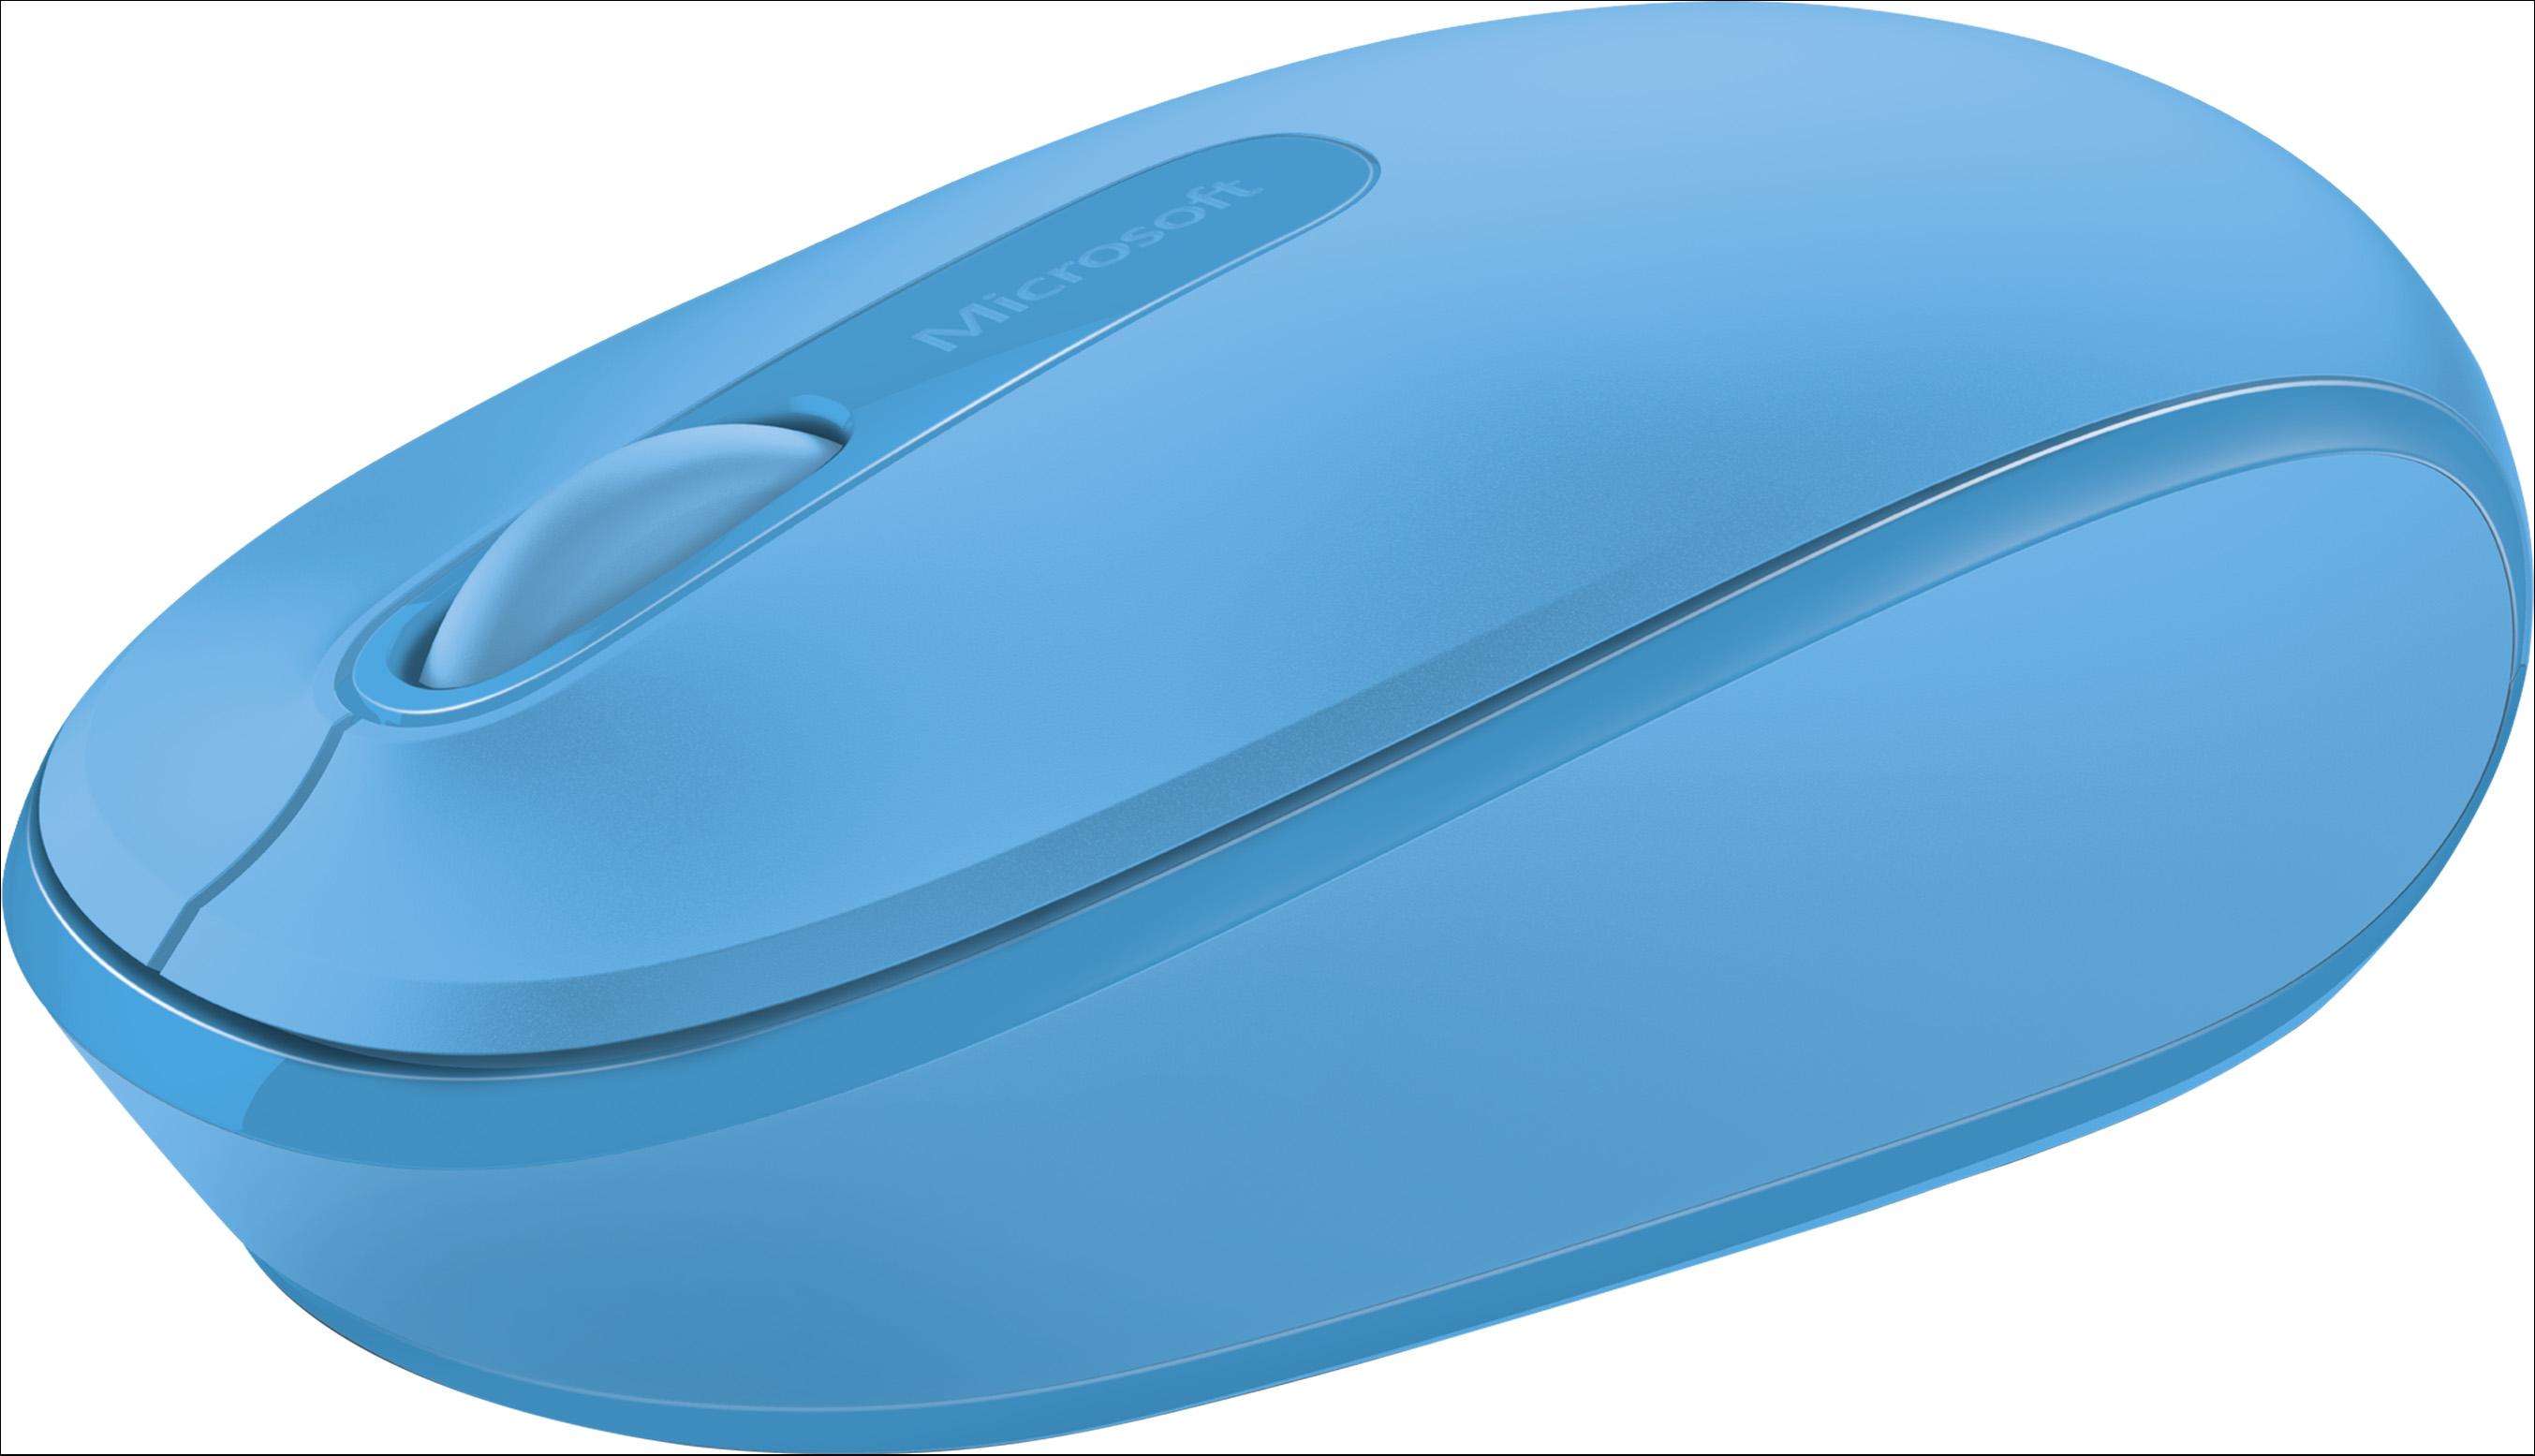 microsoft mus spel trådlös